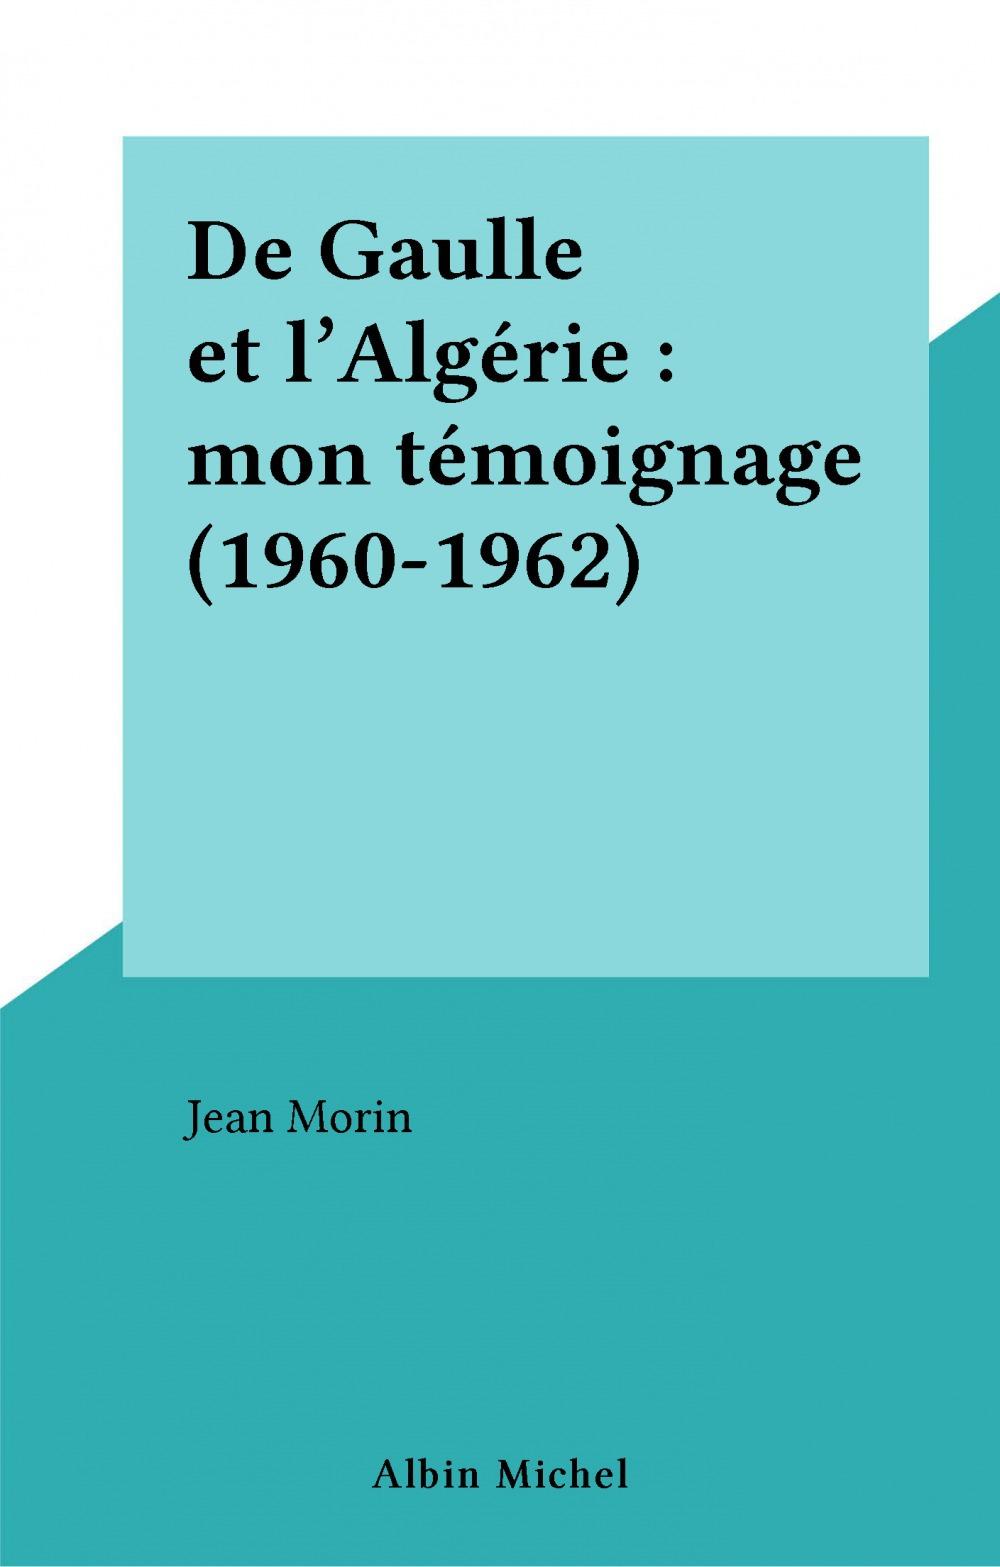 De gaulle en algerie. mon temoignage (1960-1962)